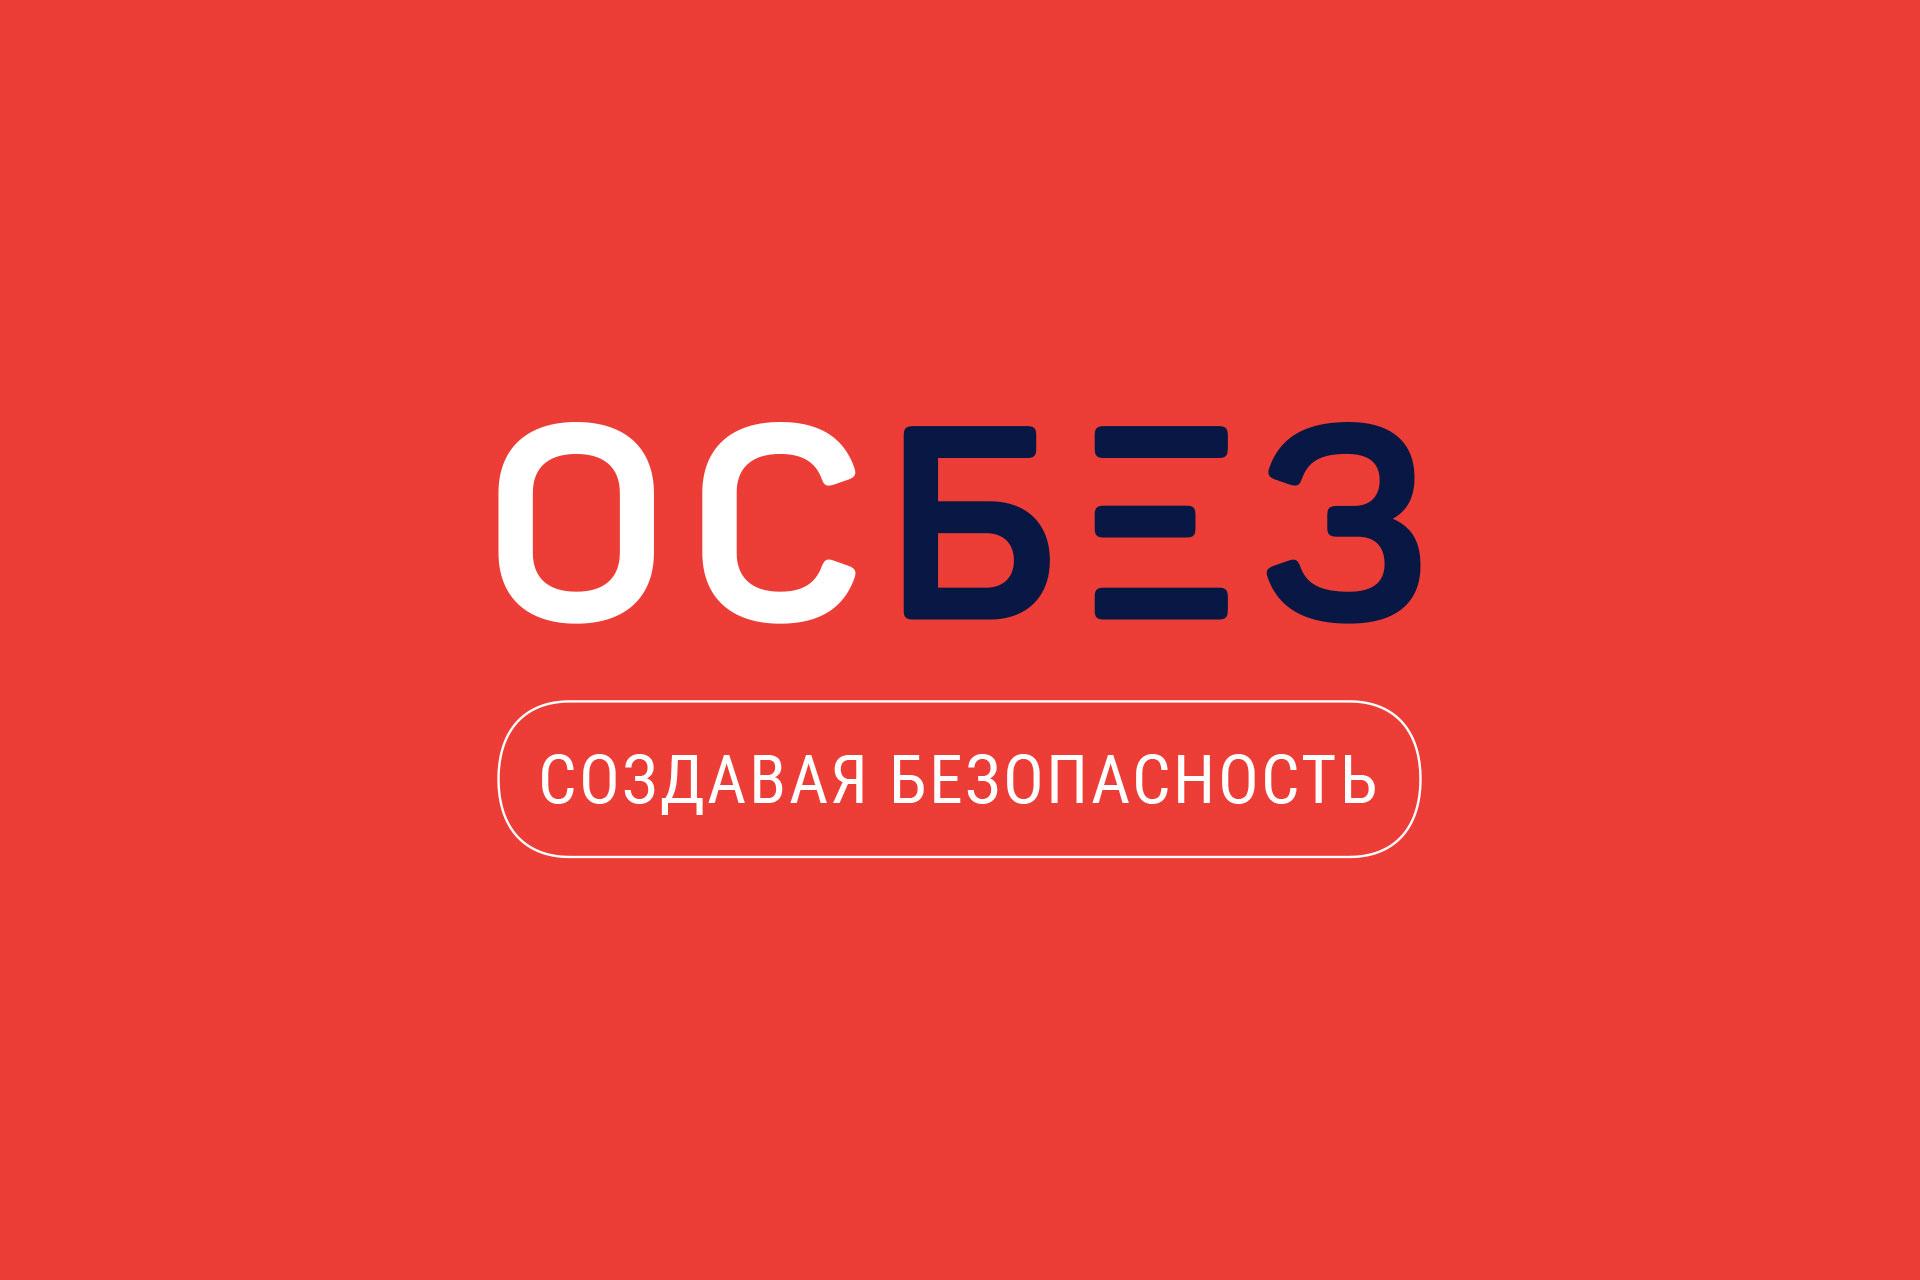 Разработка бренда для компании ОСБЕЗ